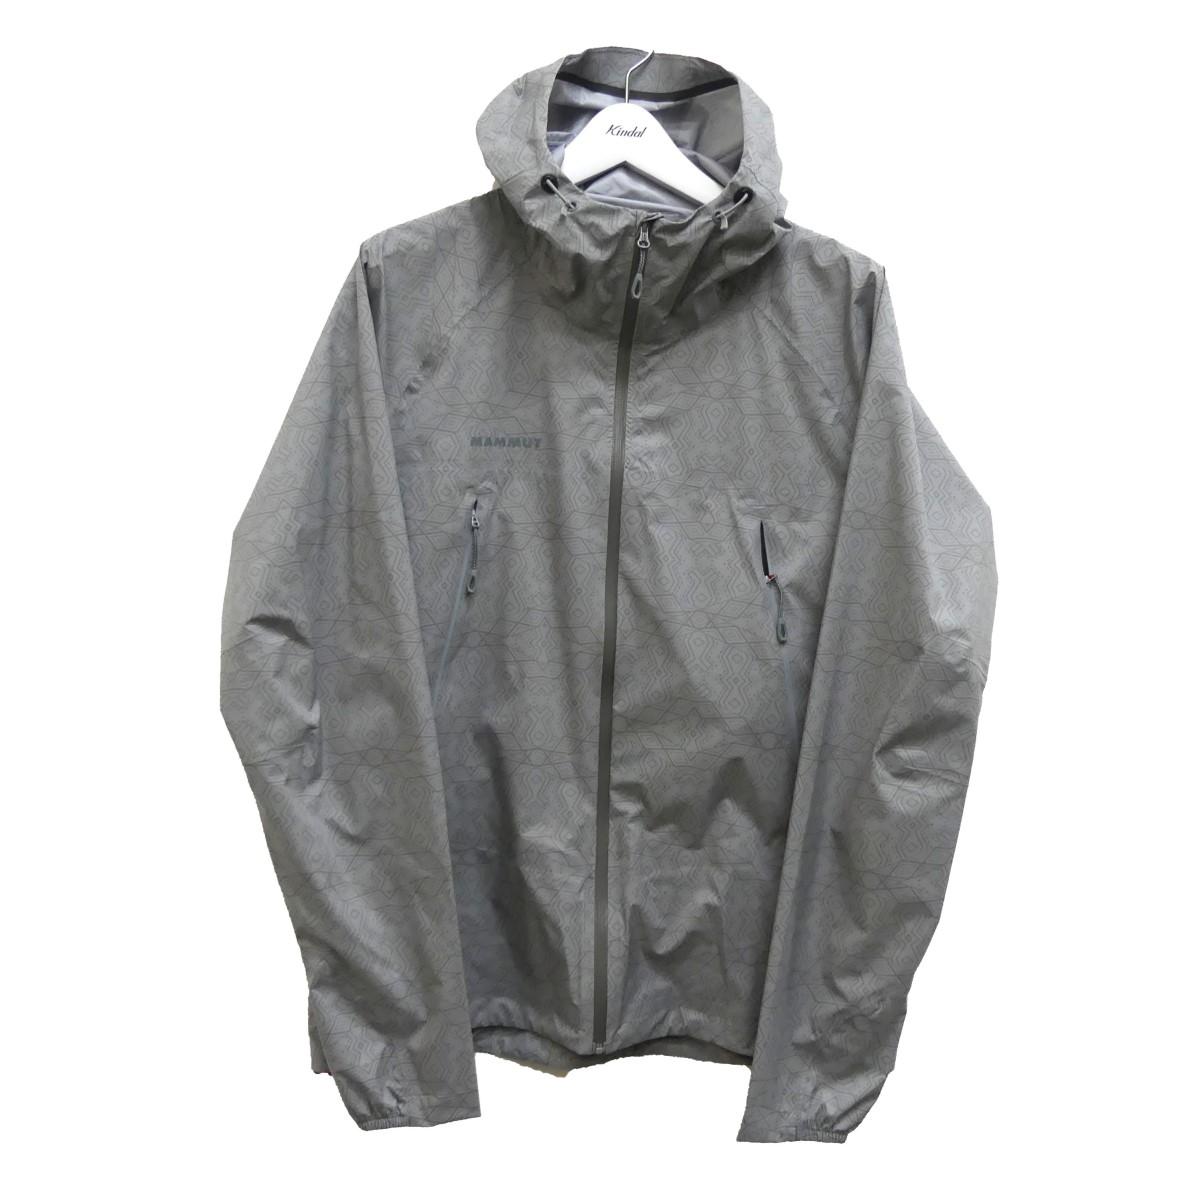 【中古】MAMMUT Masao Light HS Hooded Jacket AF ナイロンジャケット グレー サイズ:L 【110920】(マムート)